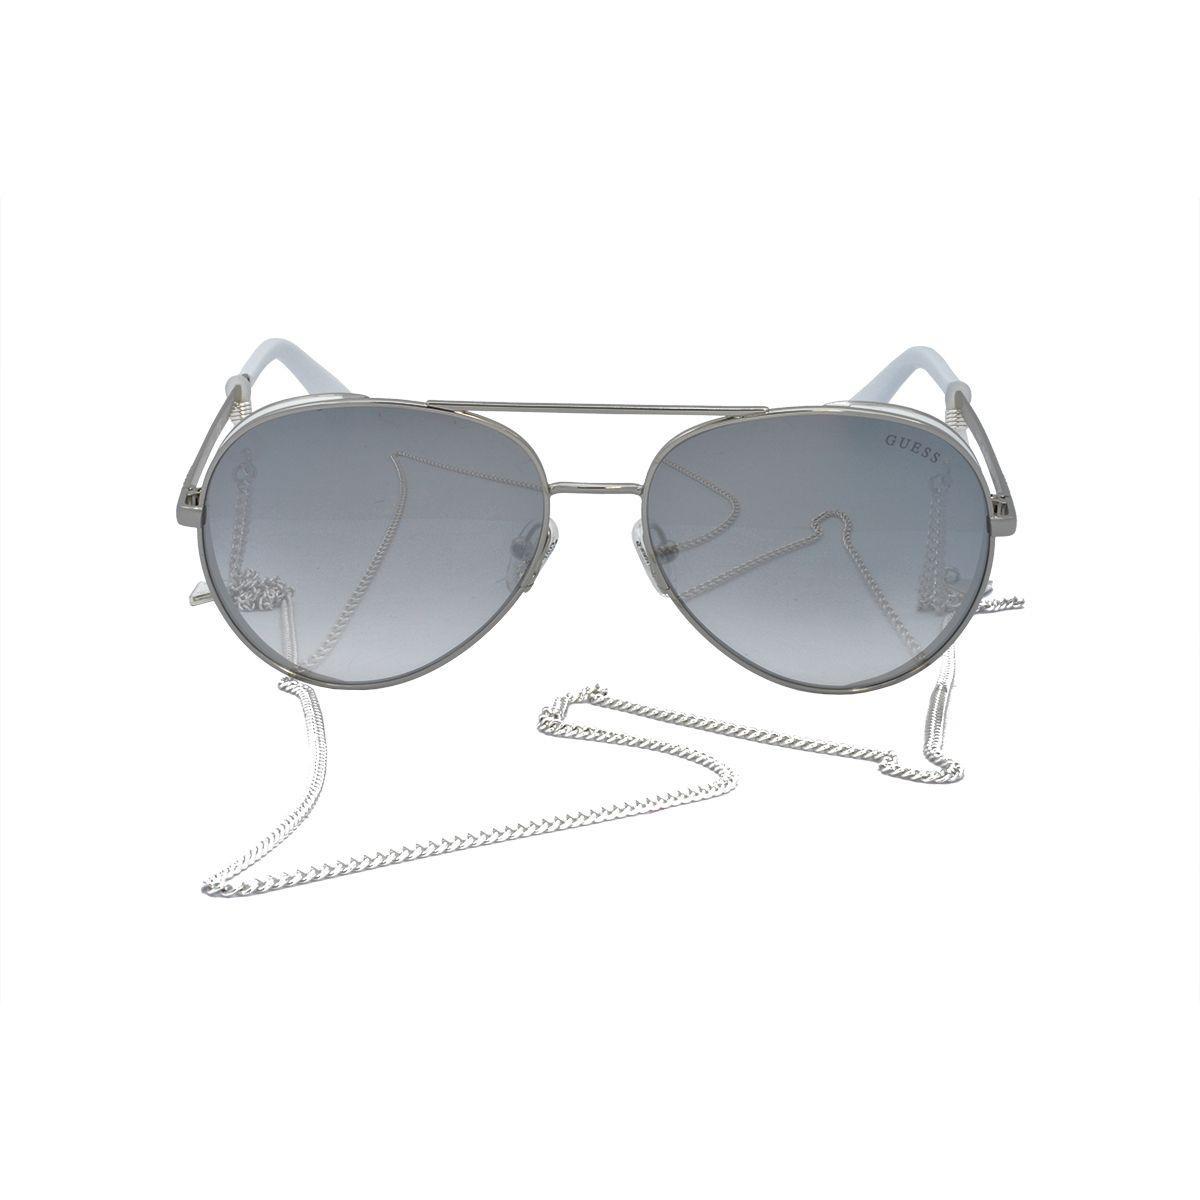 Óculos de Sol Guess Feminino com Corrente GU7607 20C - Metal Prata e Branco  e Lente Prata Espelhado R  579,00 à vista. Adicionar à sacola 698ef44e11